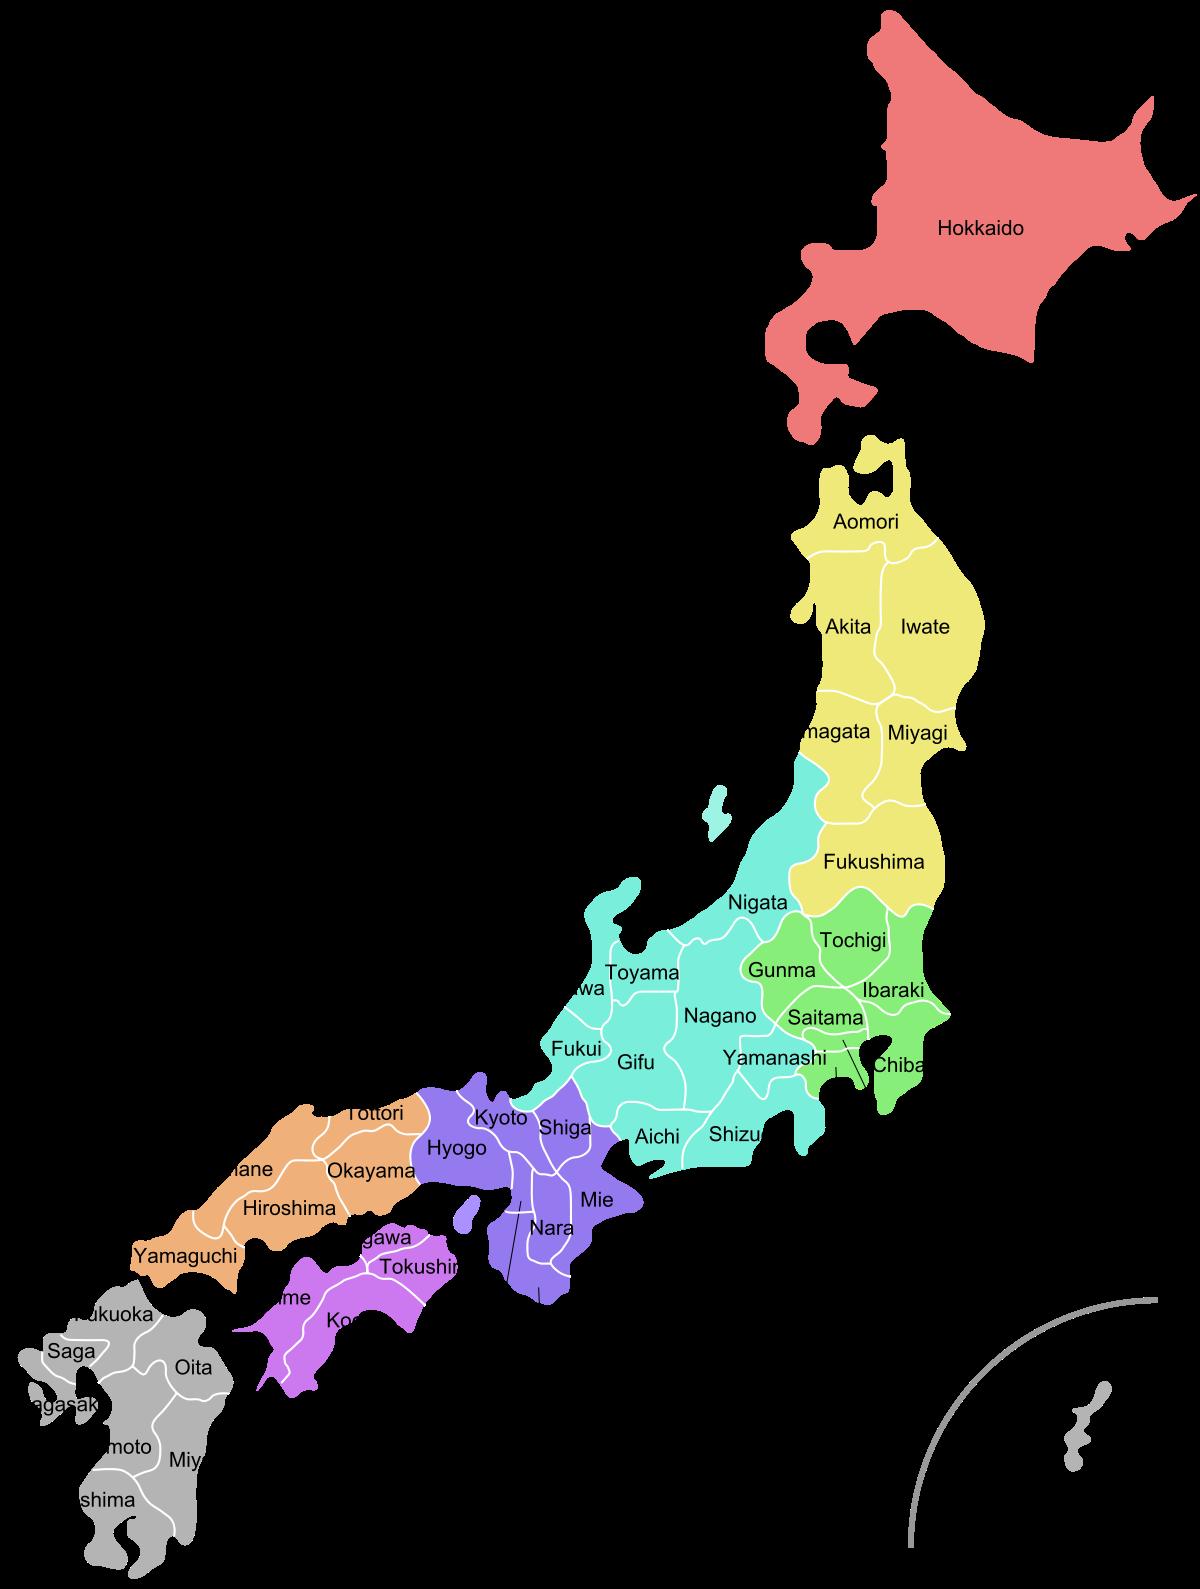 japan in Region is